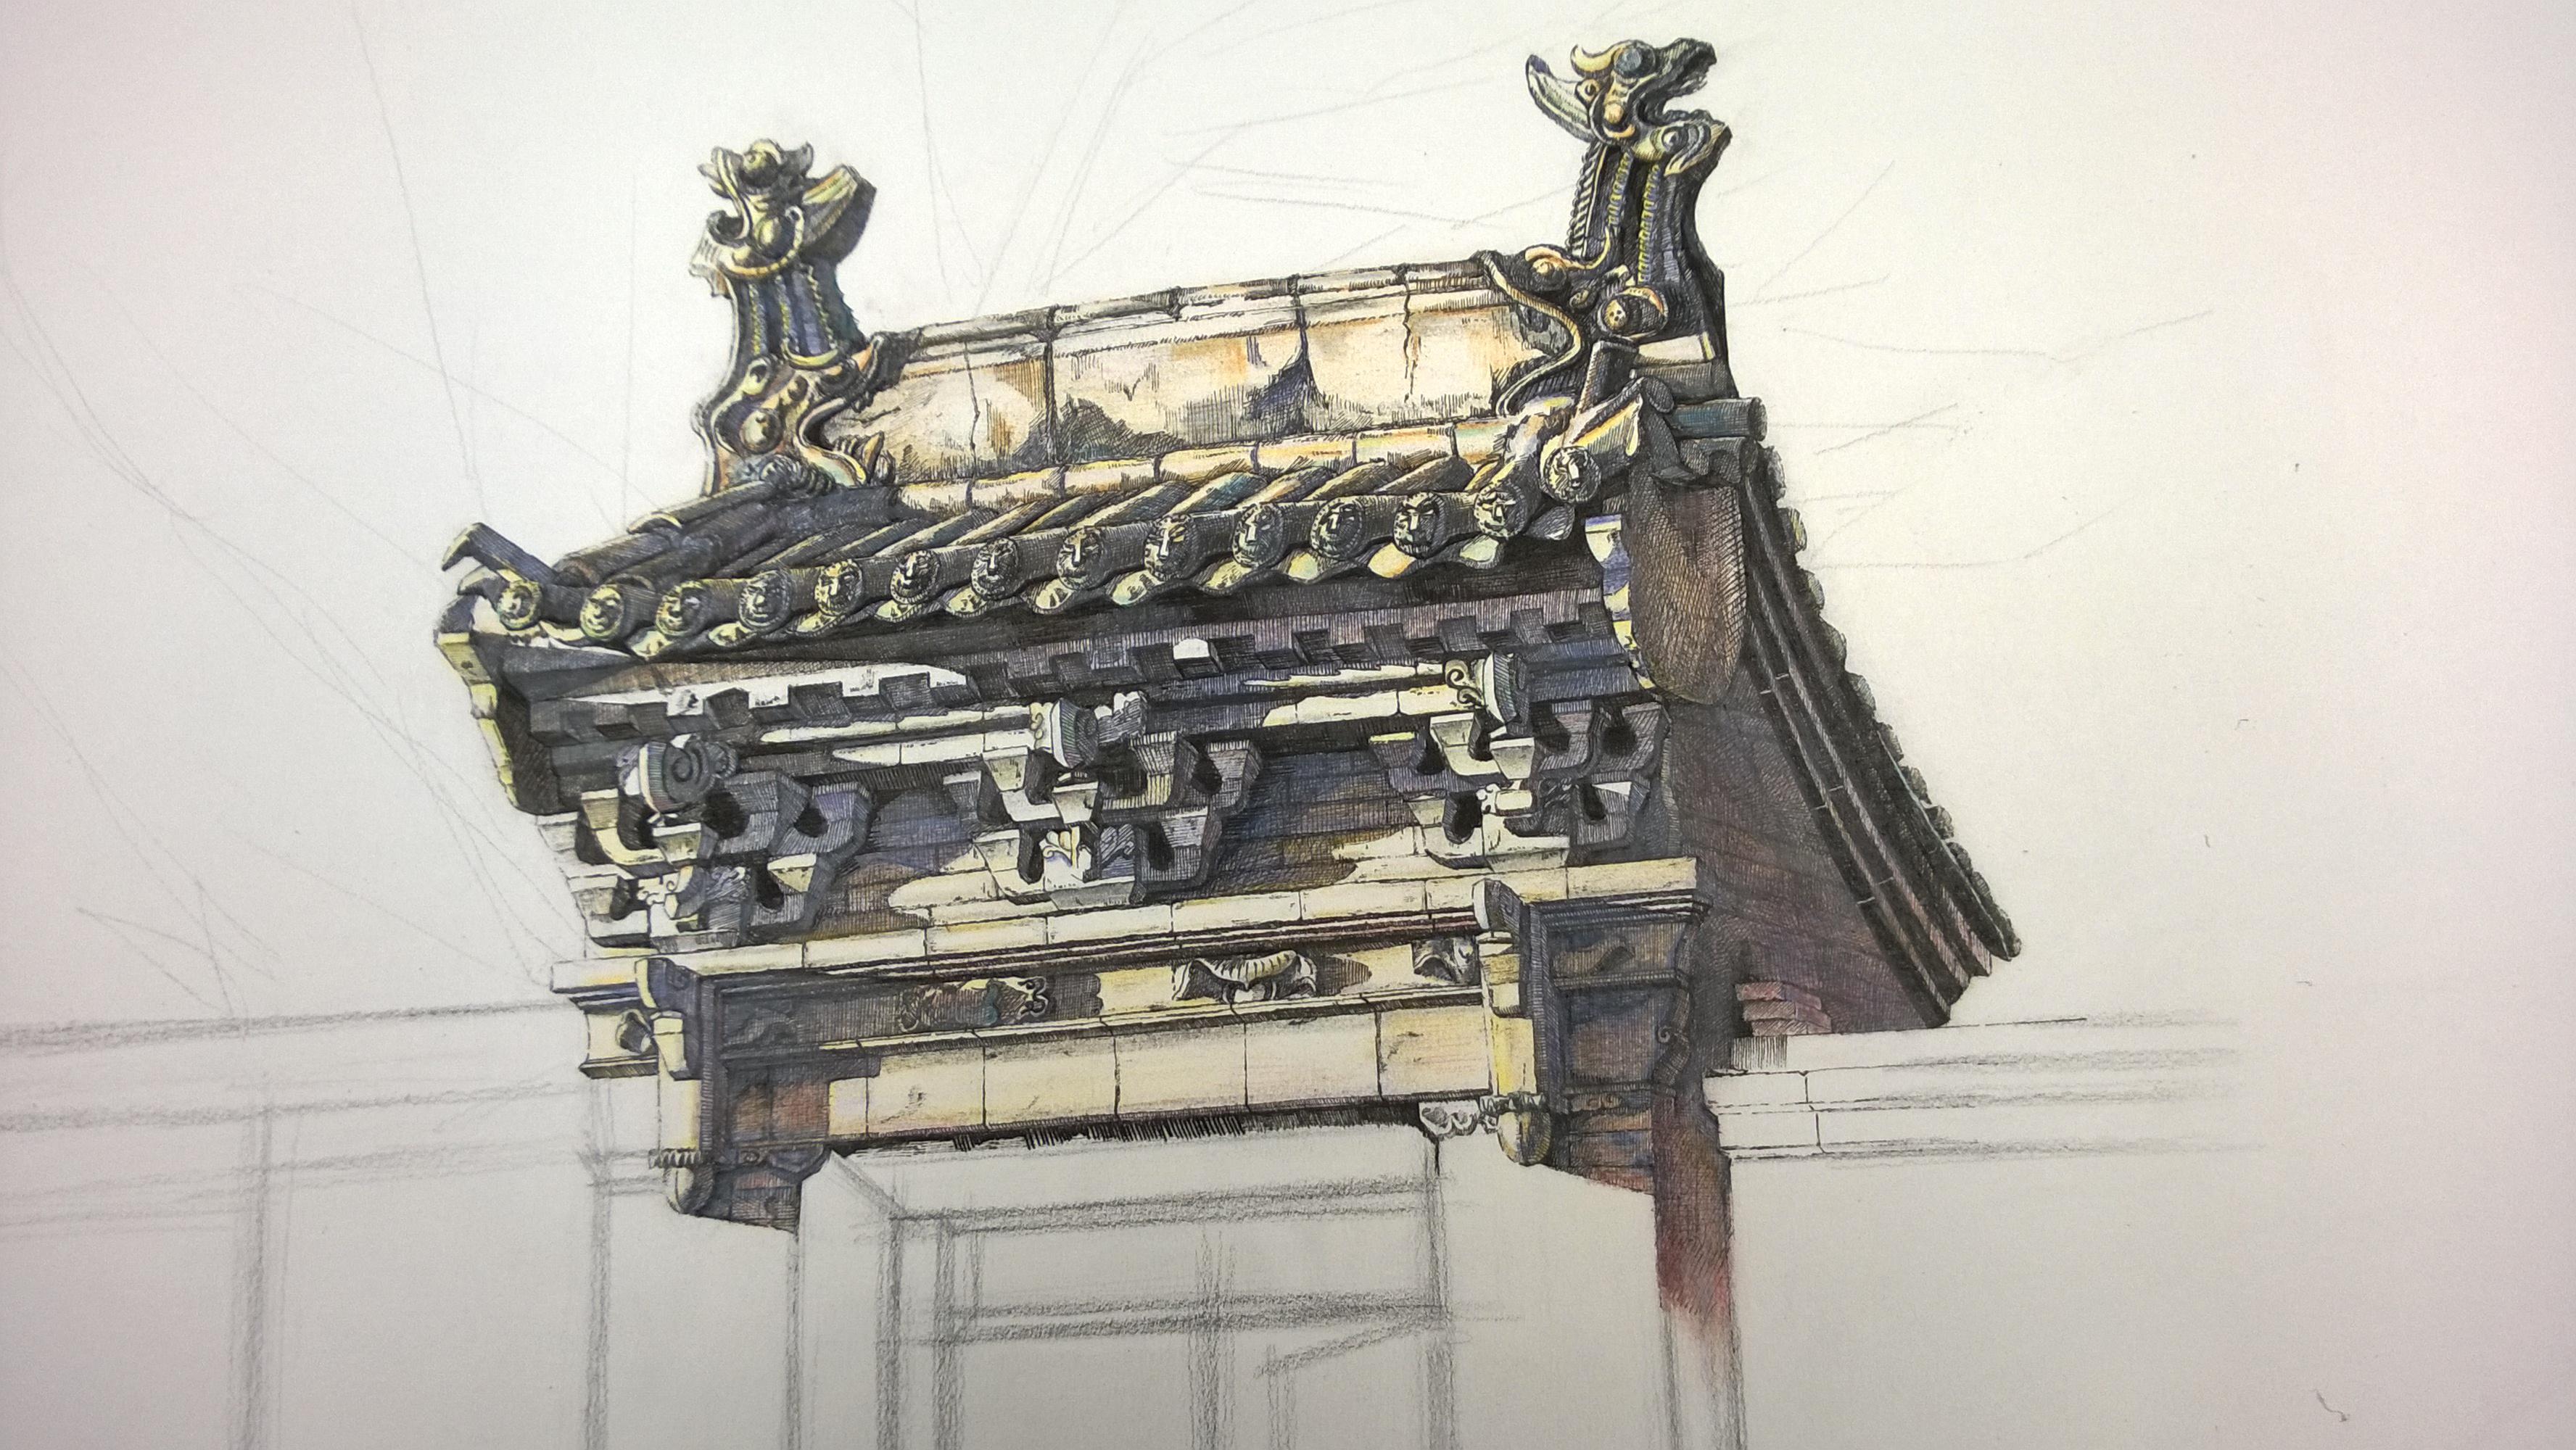 古建筑|纯艺术|钢笔画|咸鱼的姿势 - 原创作品 - 站酷